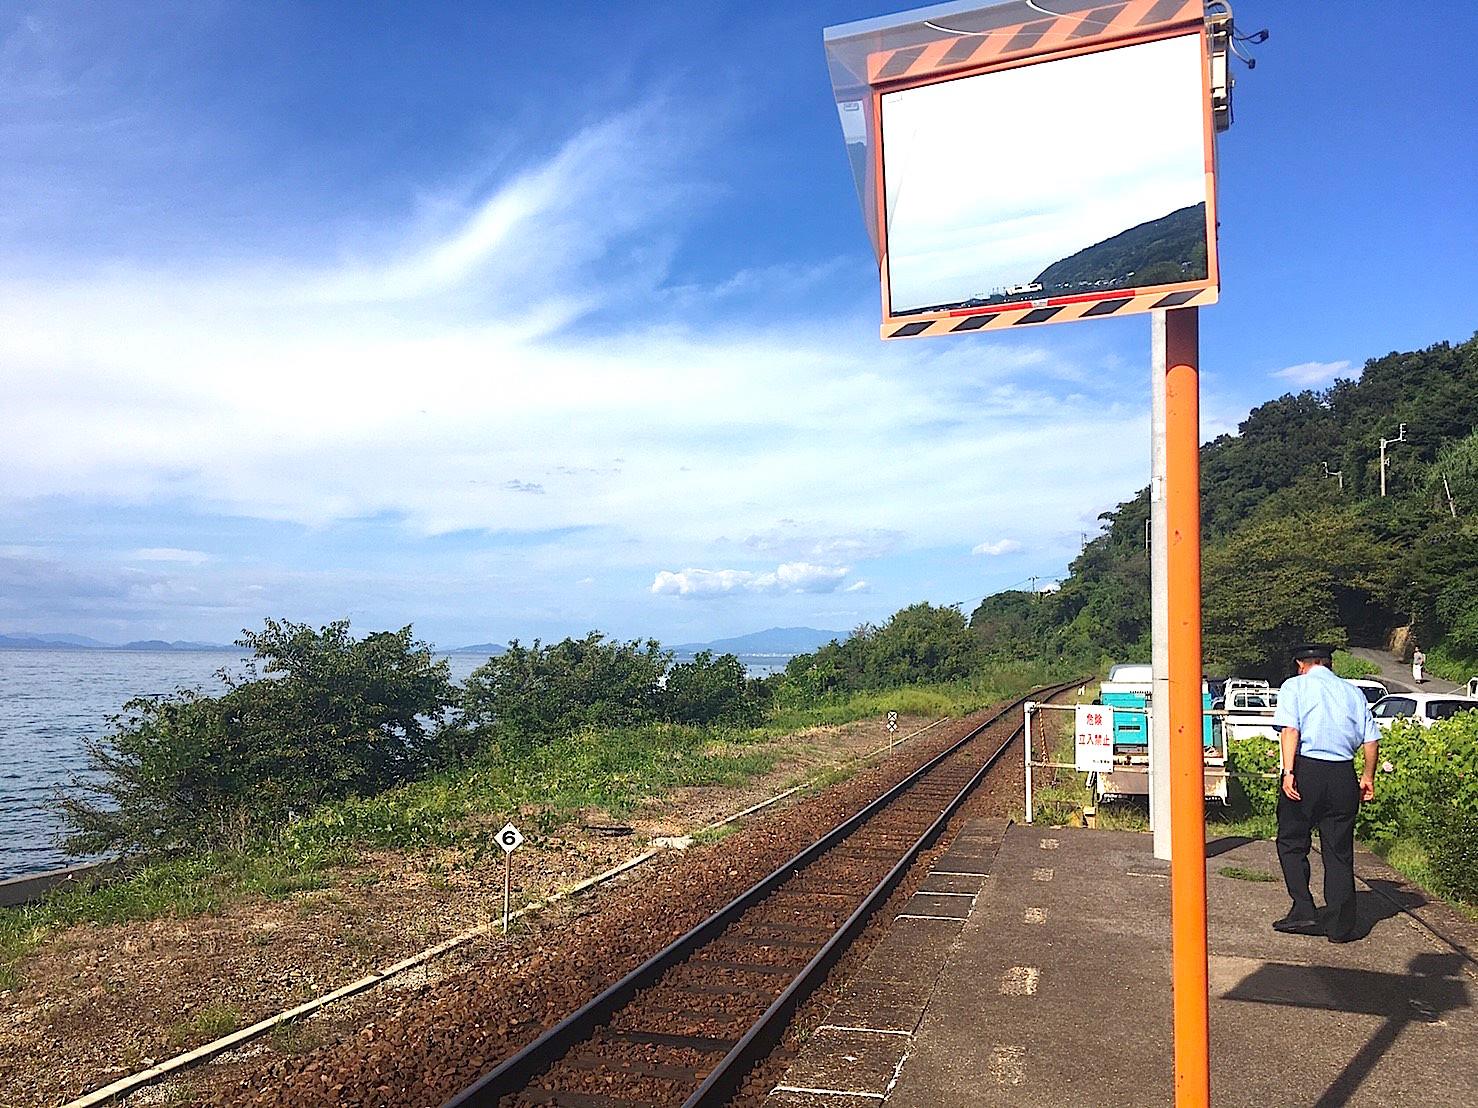 日本で一番海に近い駅 下灘駅(しもなだえき)